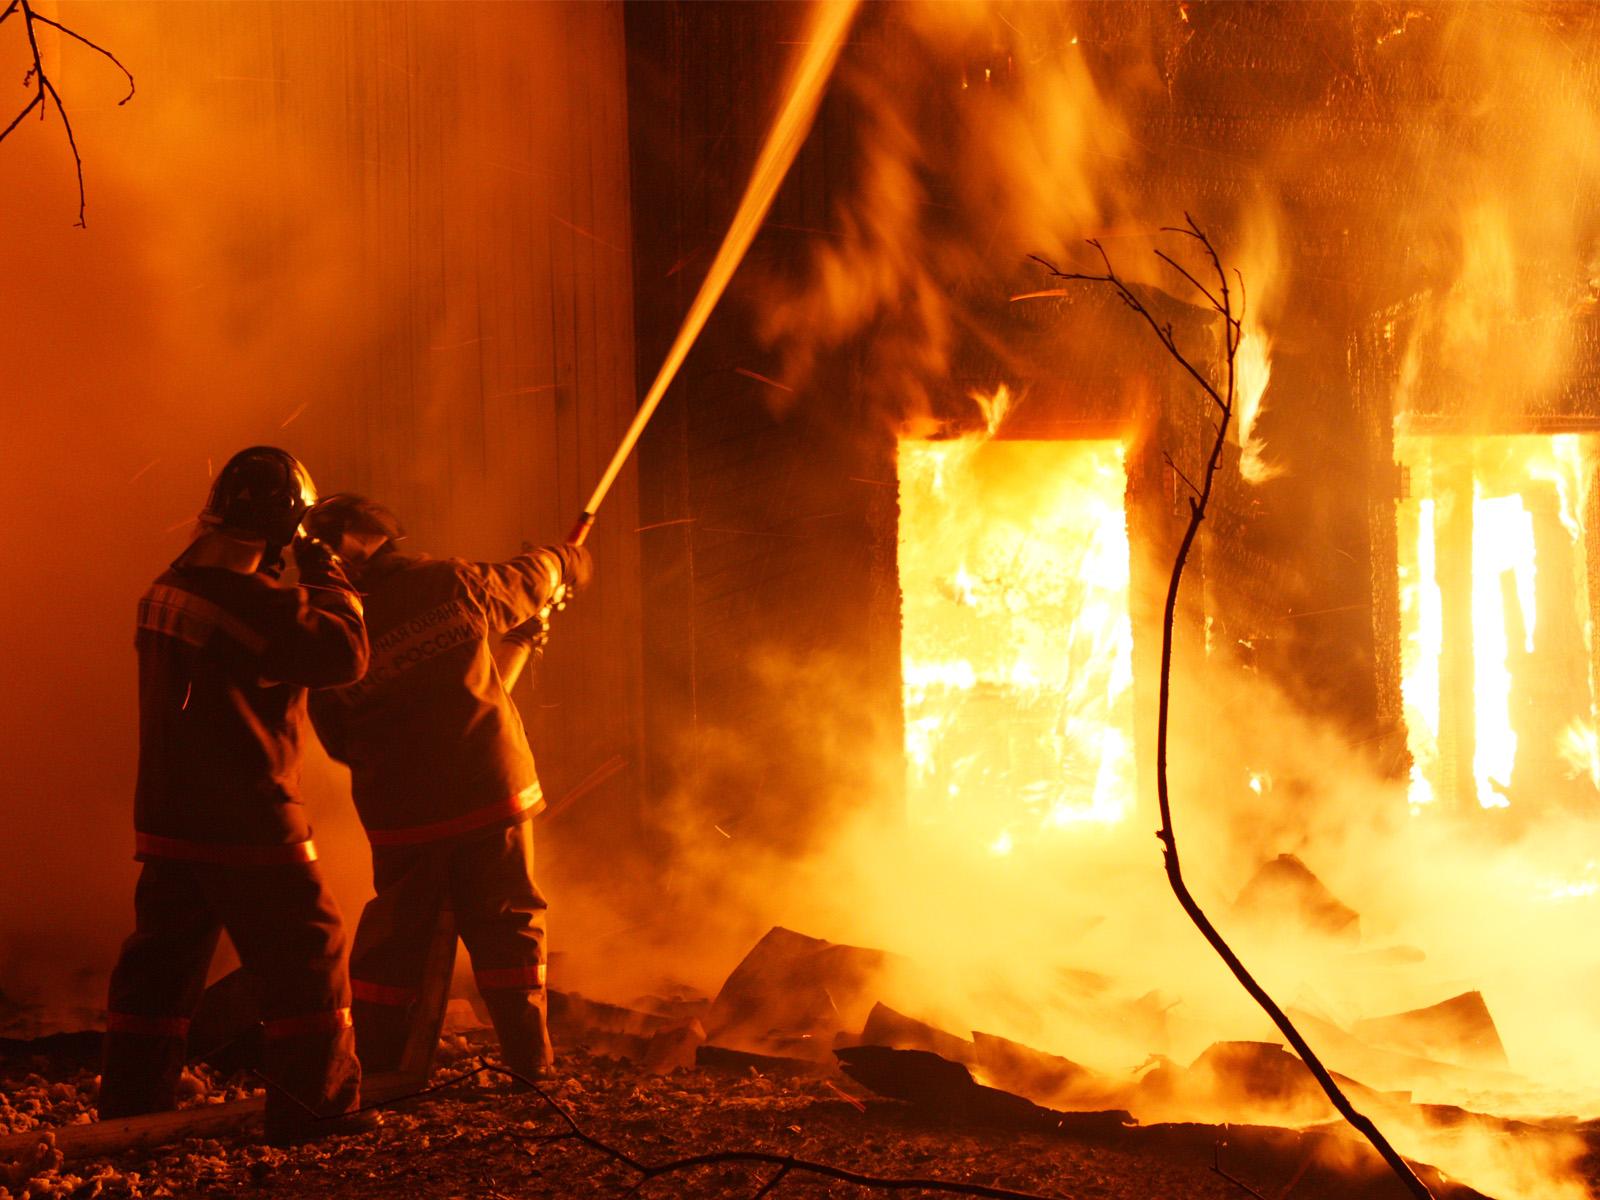 Пожар наскладе навостоке столицы локализовали